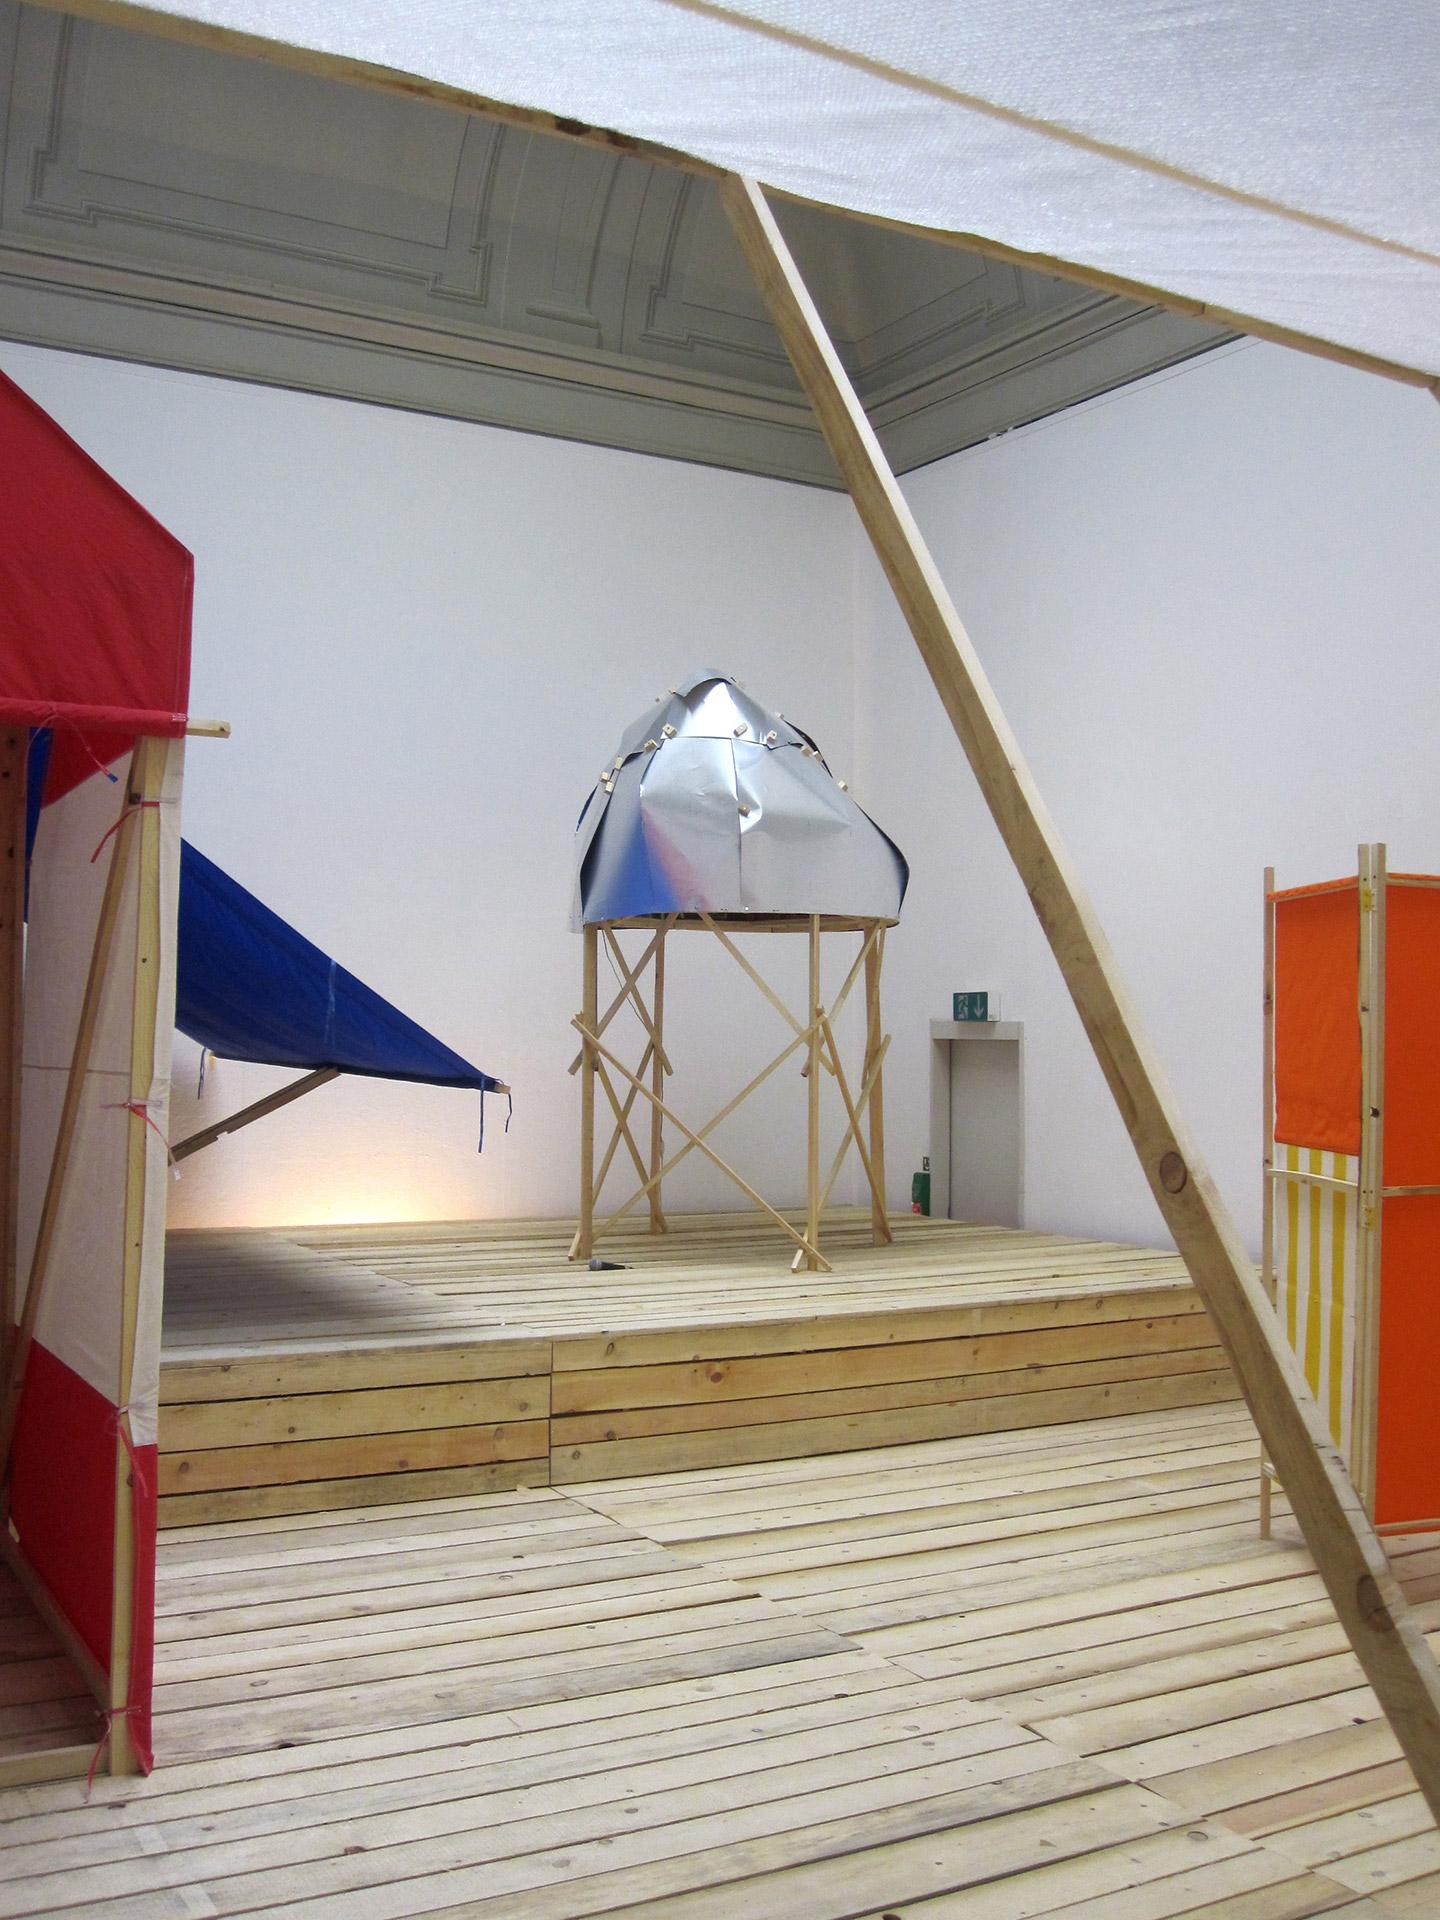 Koefer-Hess-Kunsthalle-Winterthur-2013-5.jpg